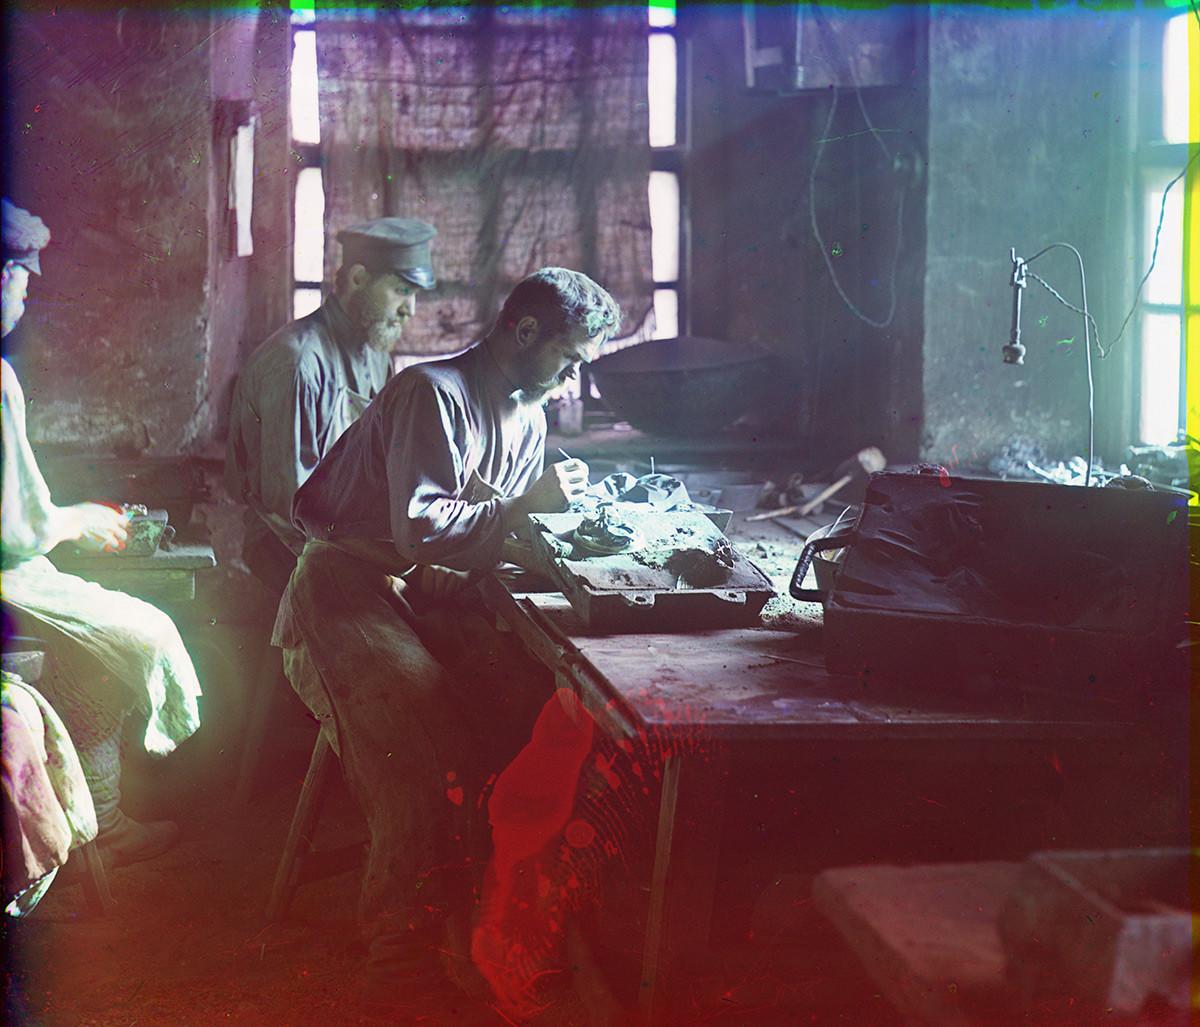 Fábrica de Kasli. Artesanos que trabajan con moldes de fundición de hierro. Verano de 1909.